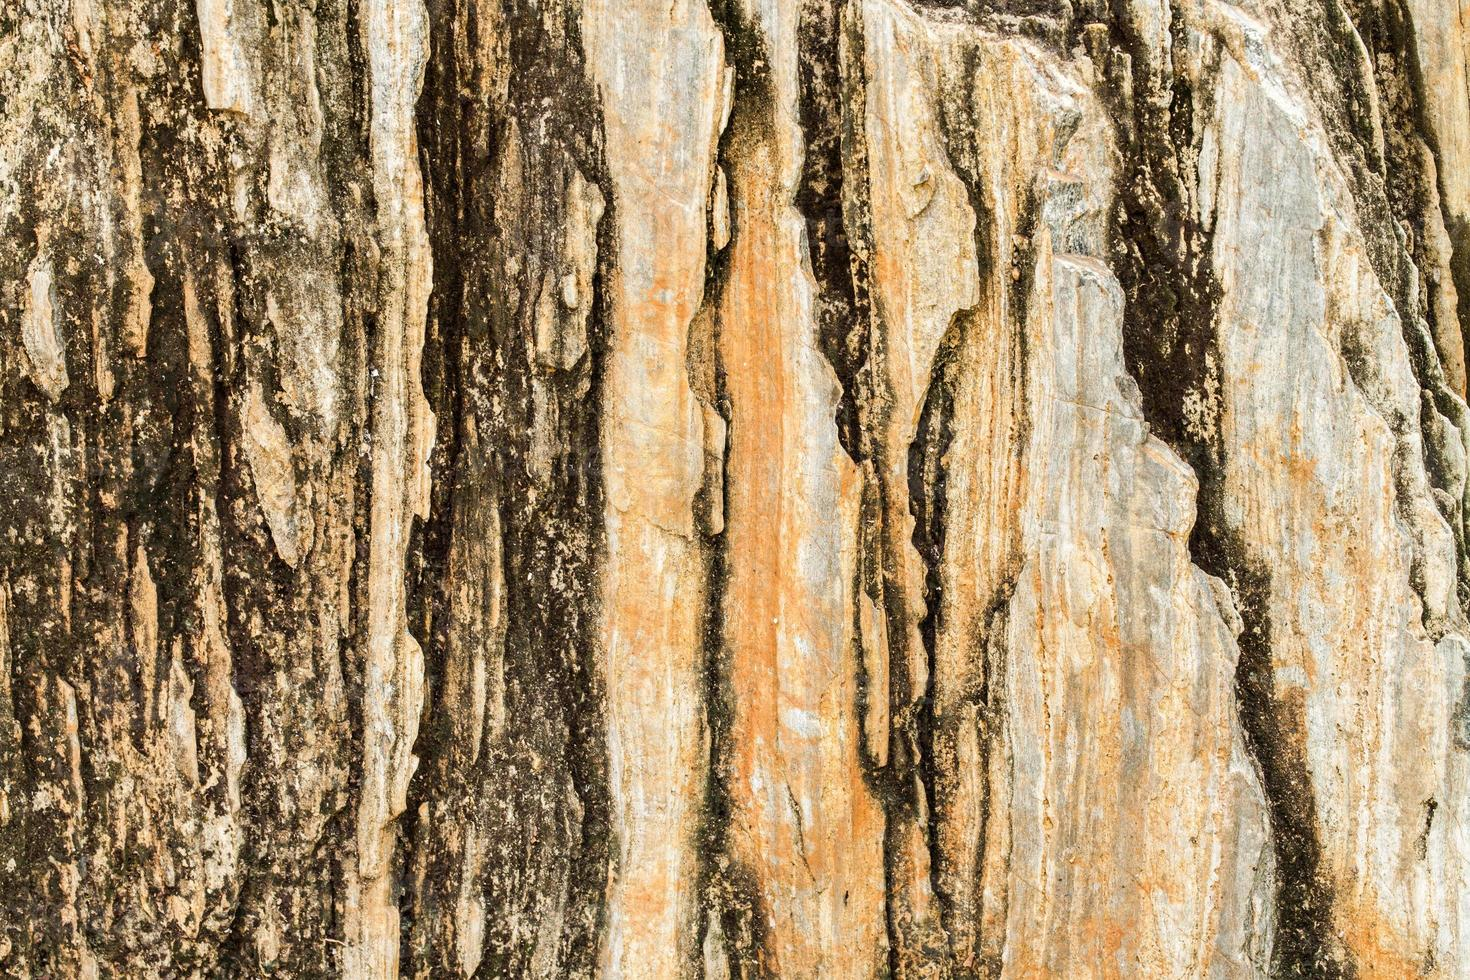 ytan på grungstenbakgrunden. foto